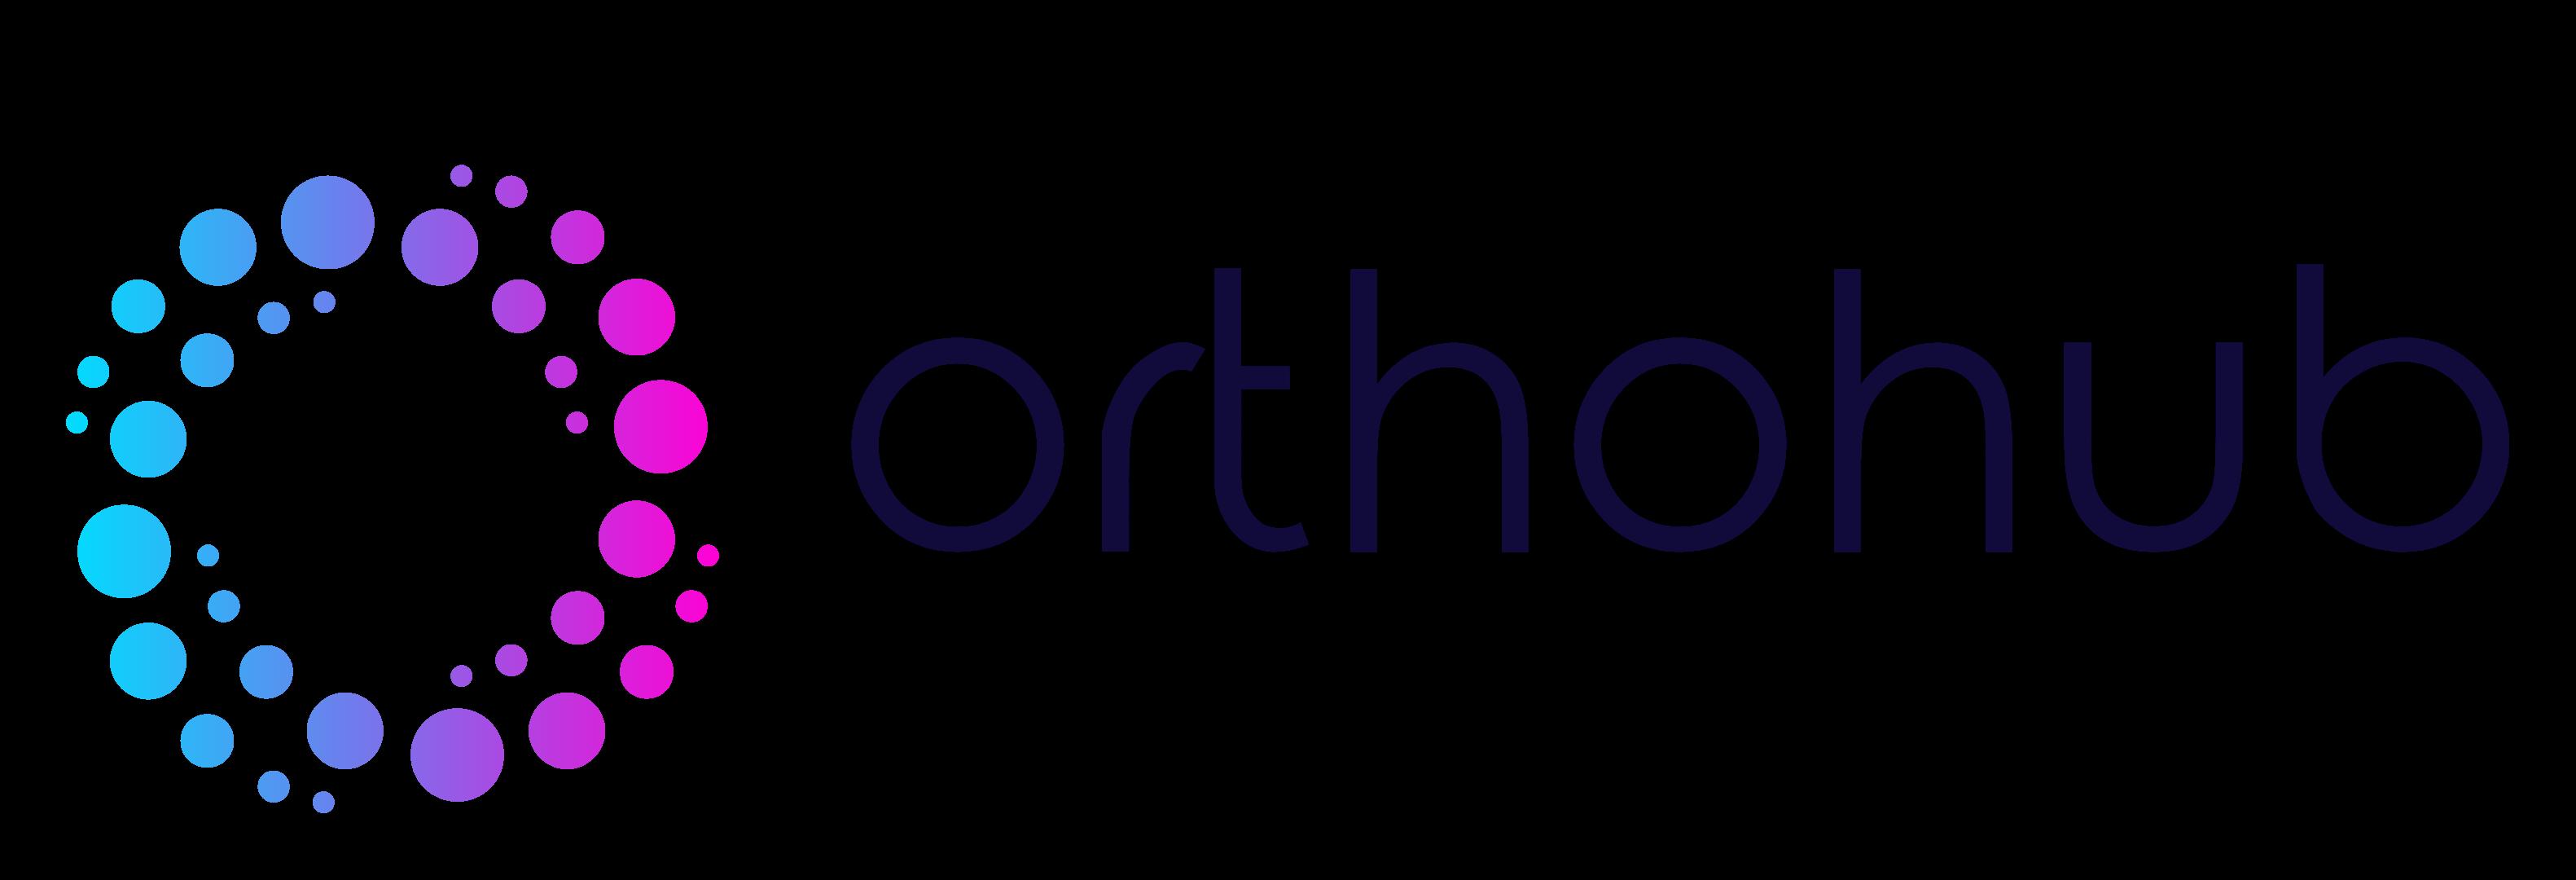 Orthohub Logo